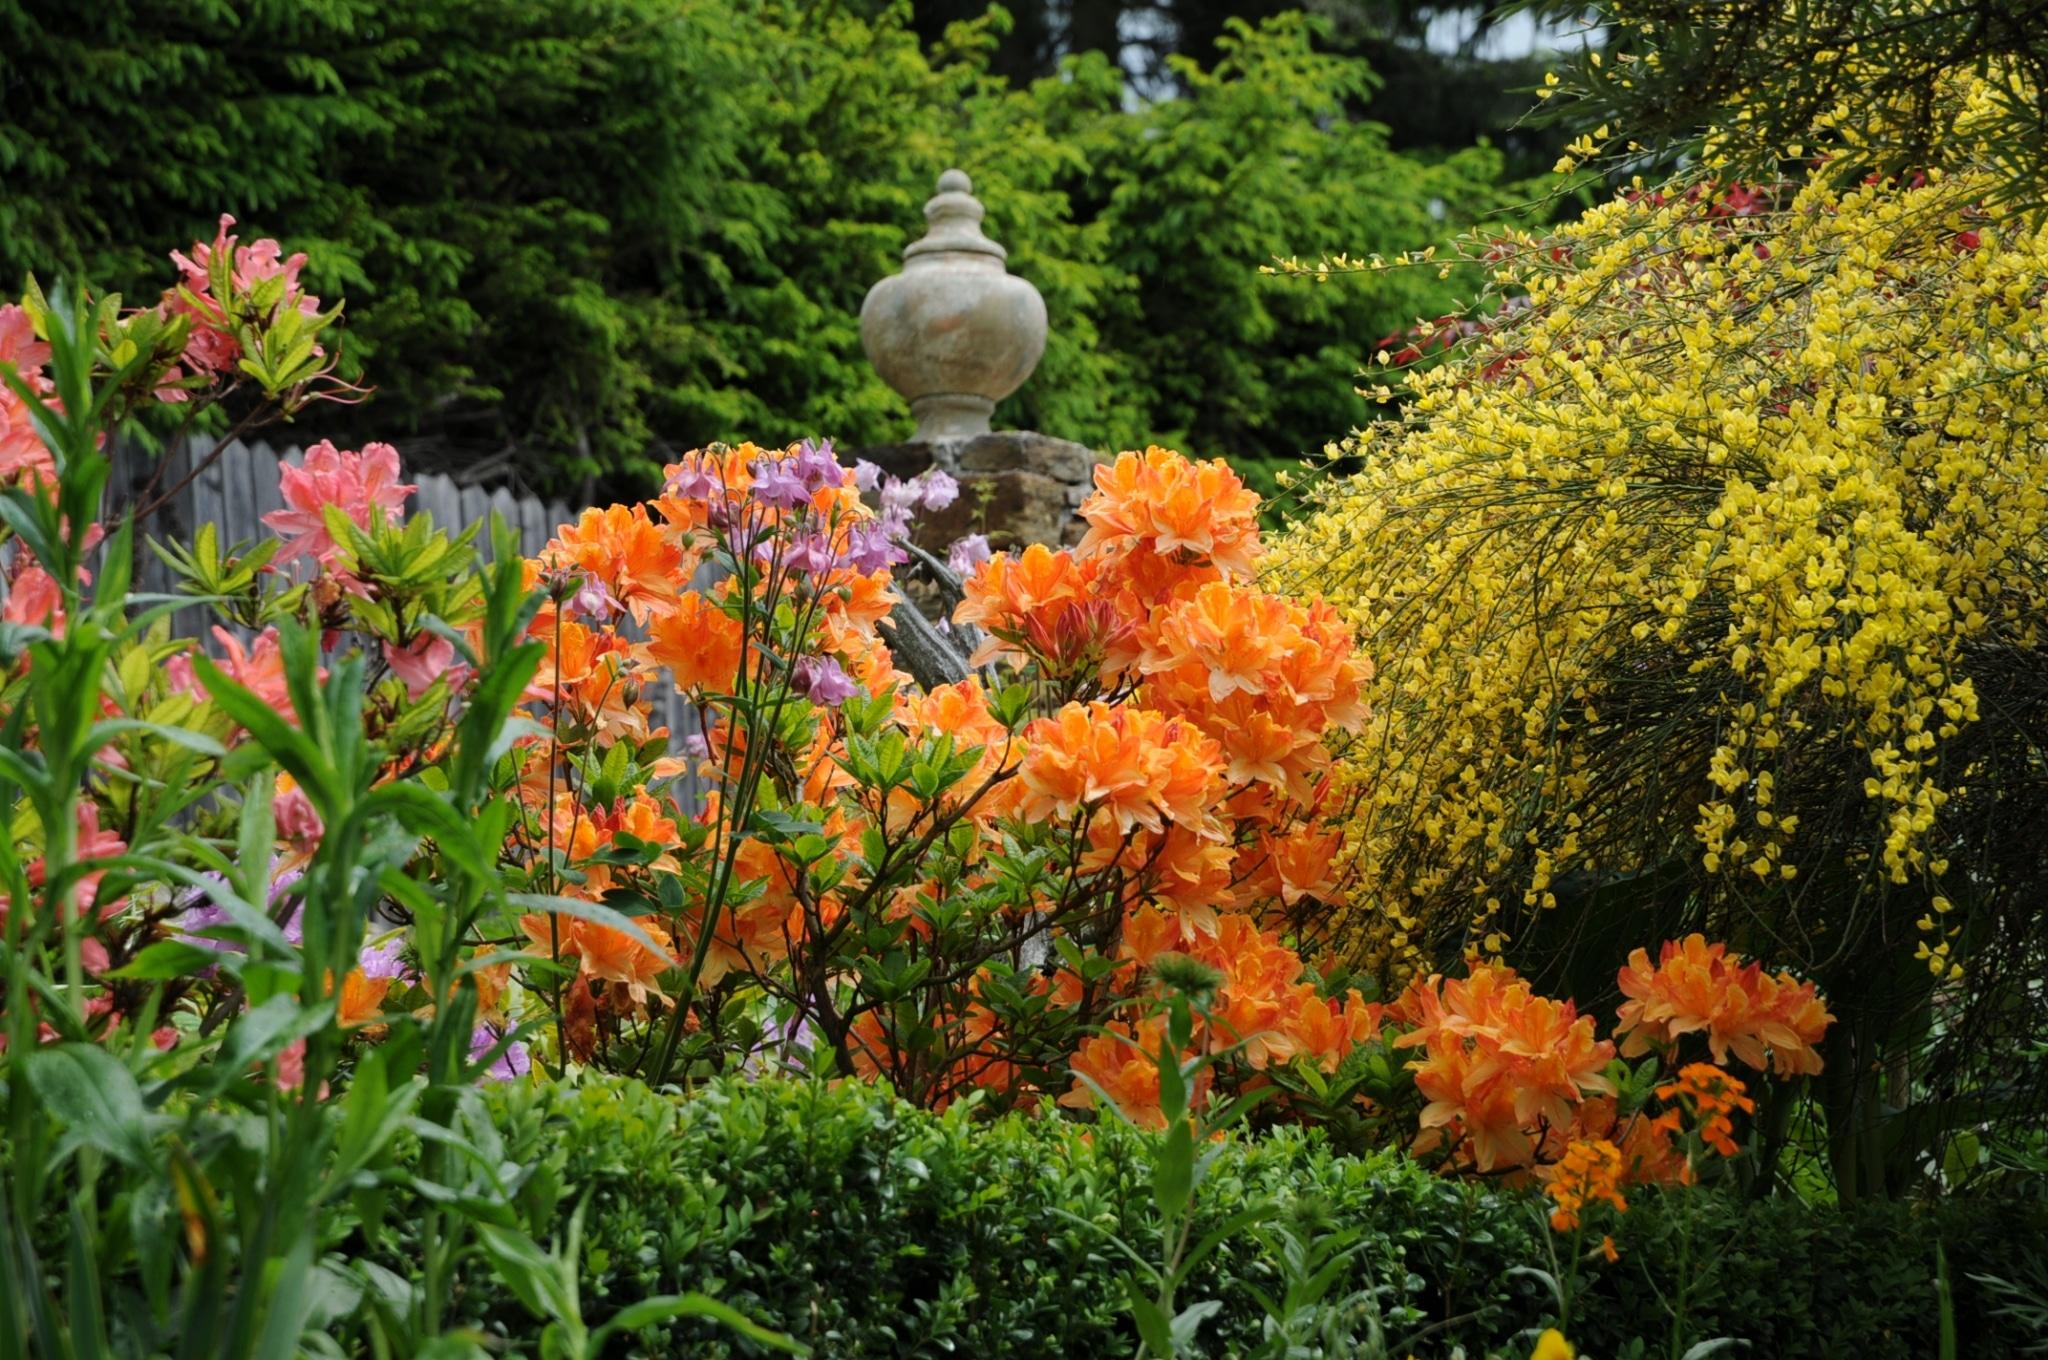 8. Sulamith Garten, Schaugarten